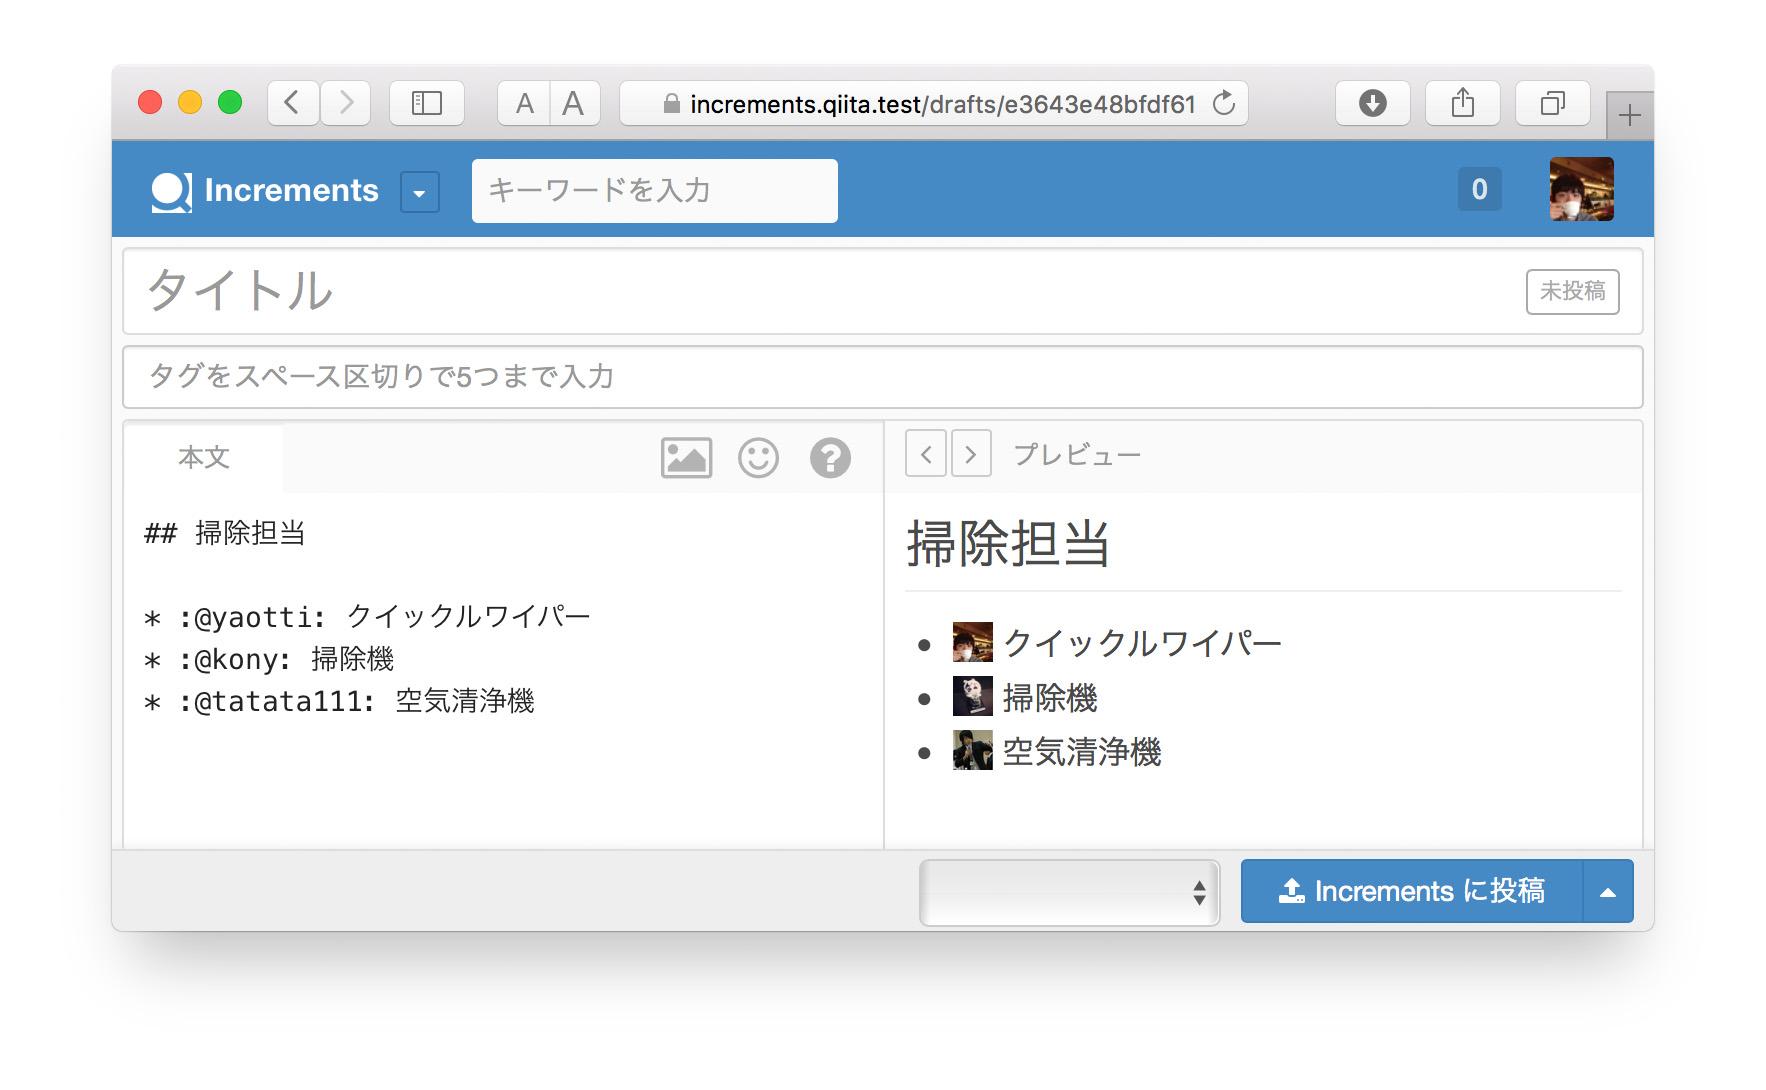 ユーザー絵文字の利用例